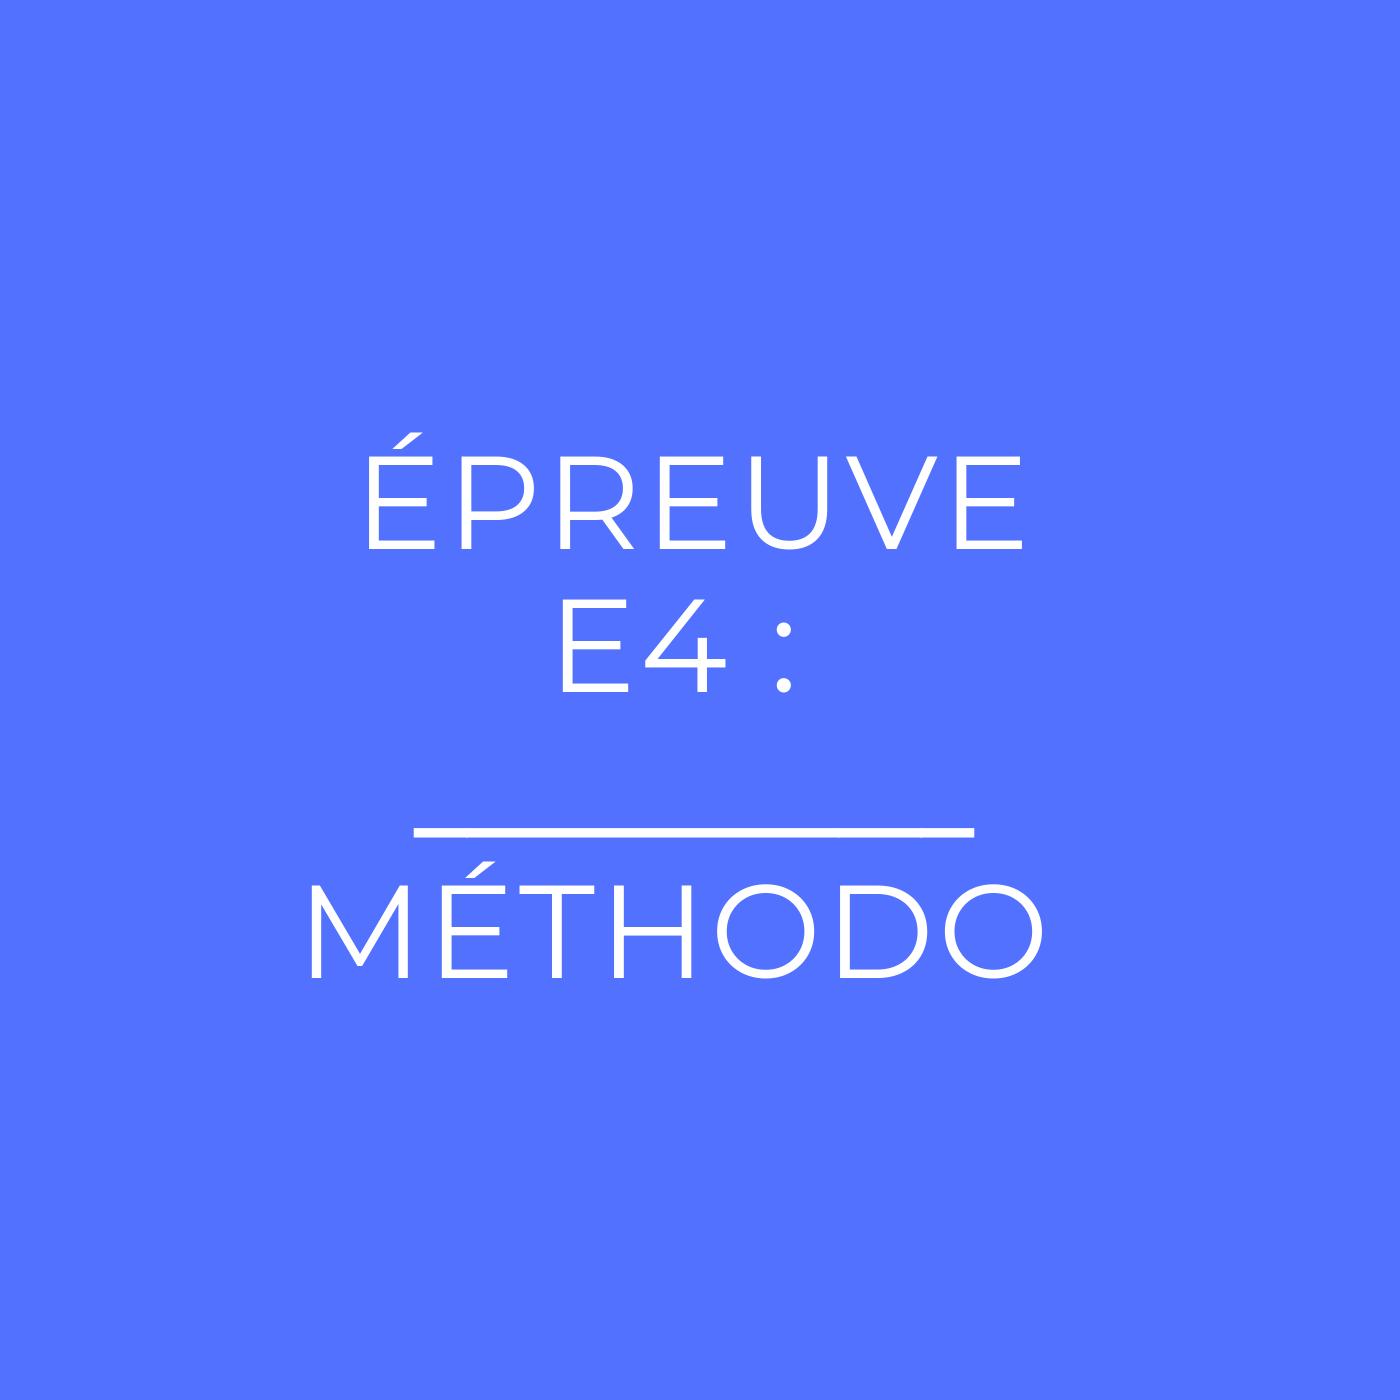 Épreuve E4 du BTS PI : la méthodologie complète